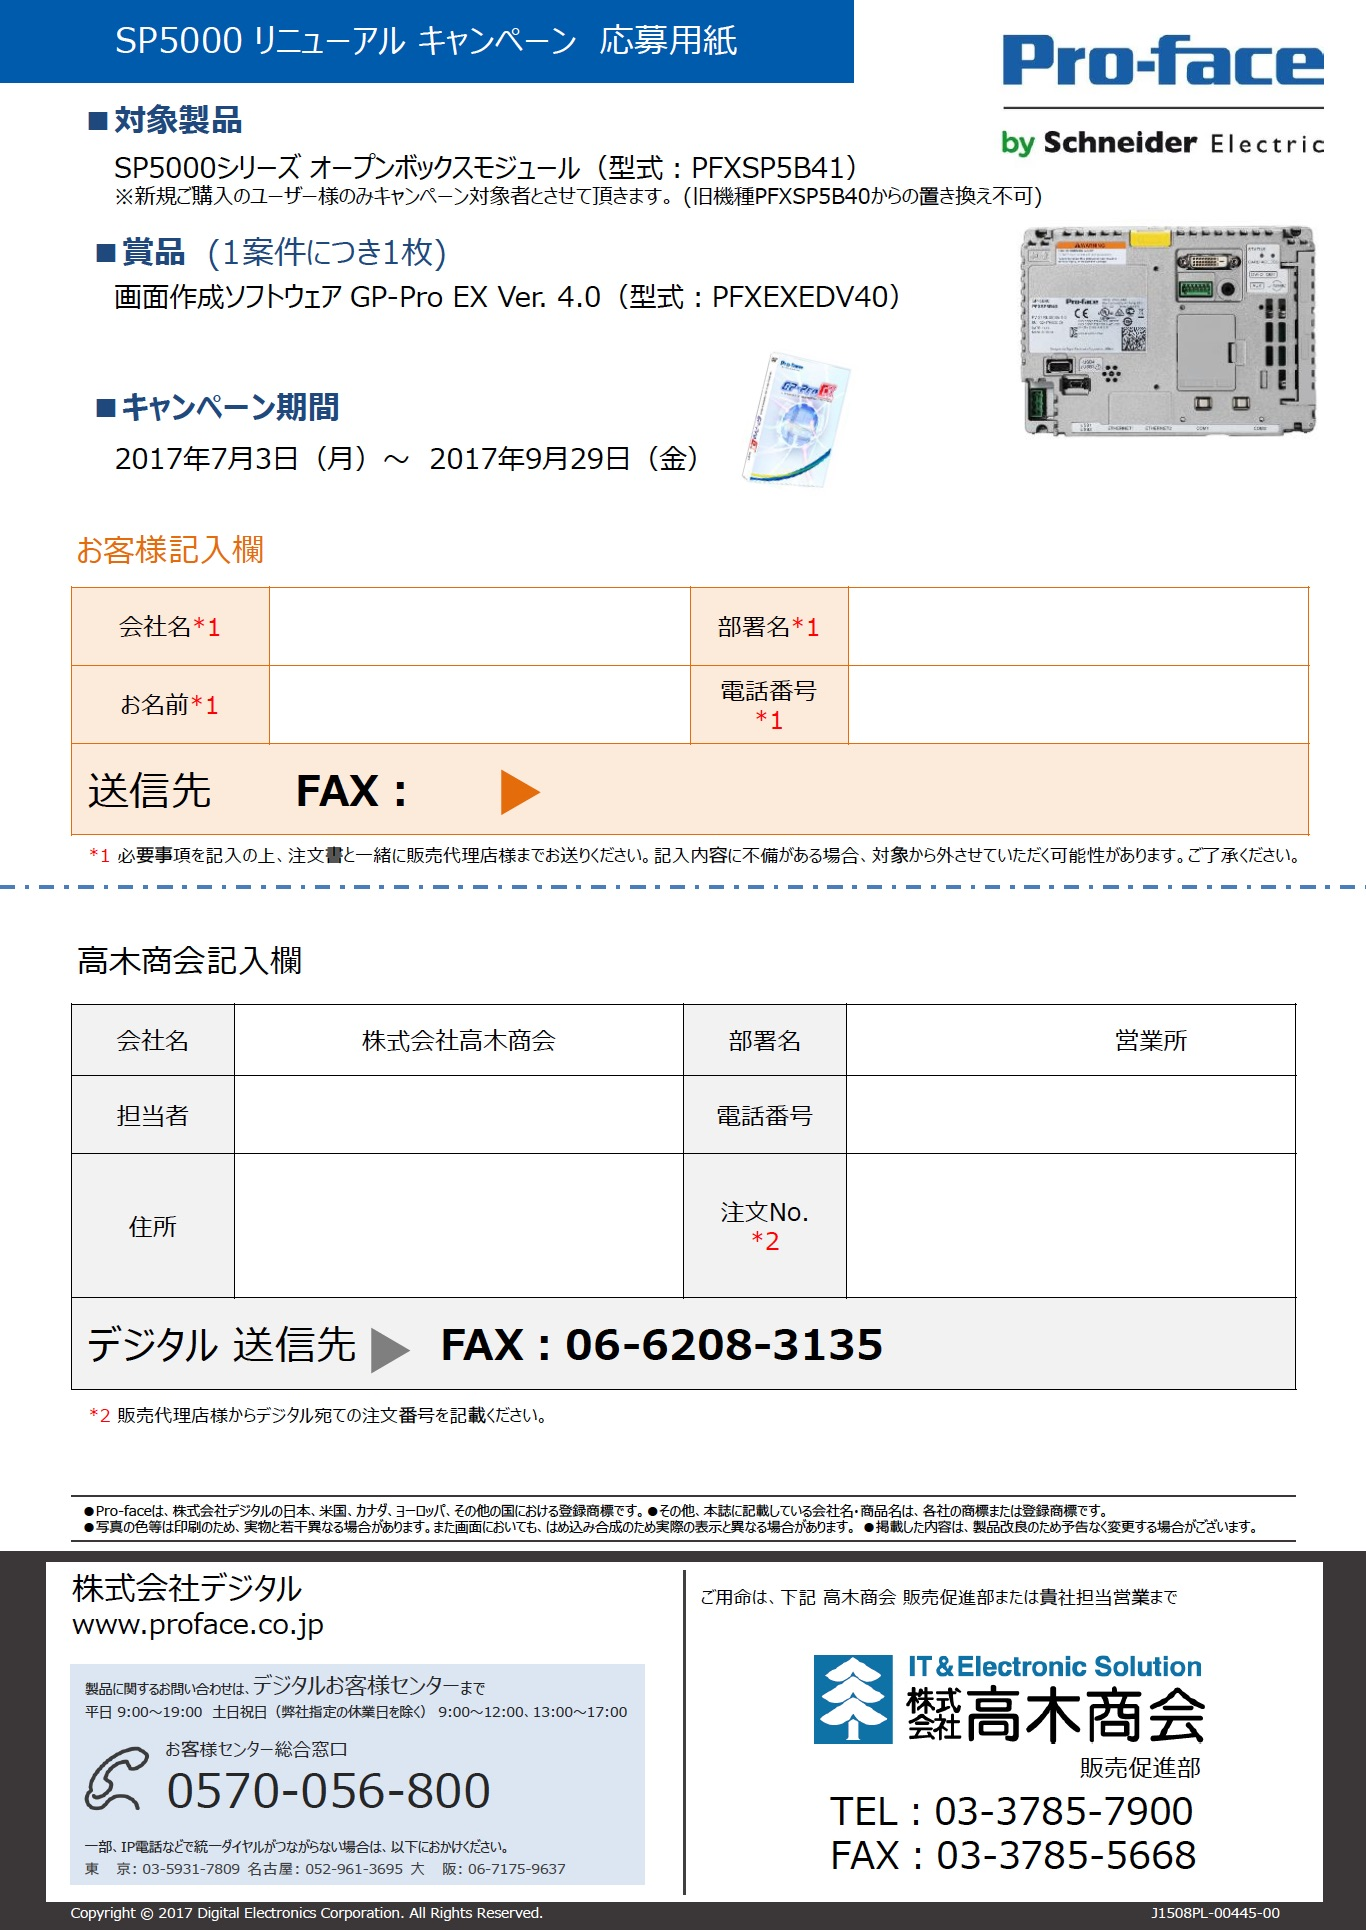 SP5000リニューアルキャンペーン詳細2